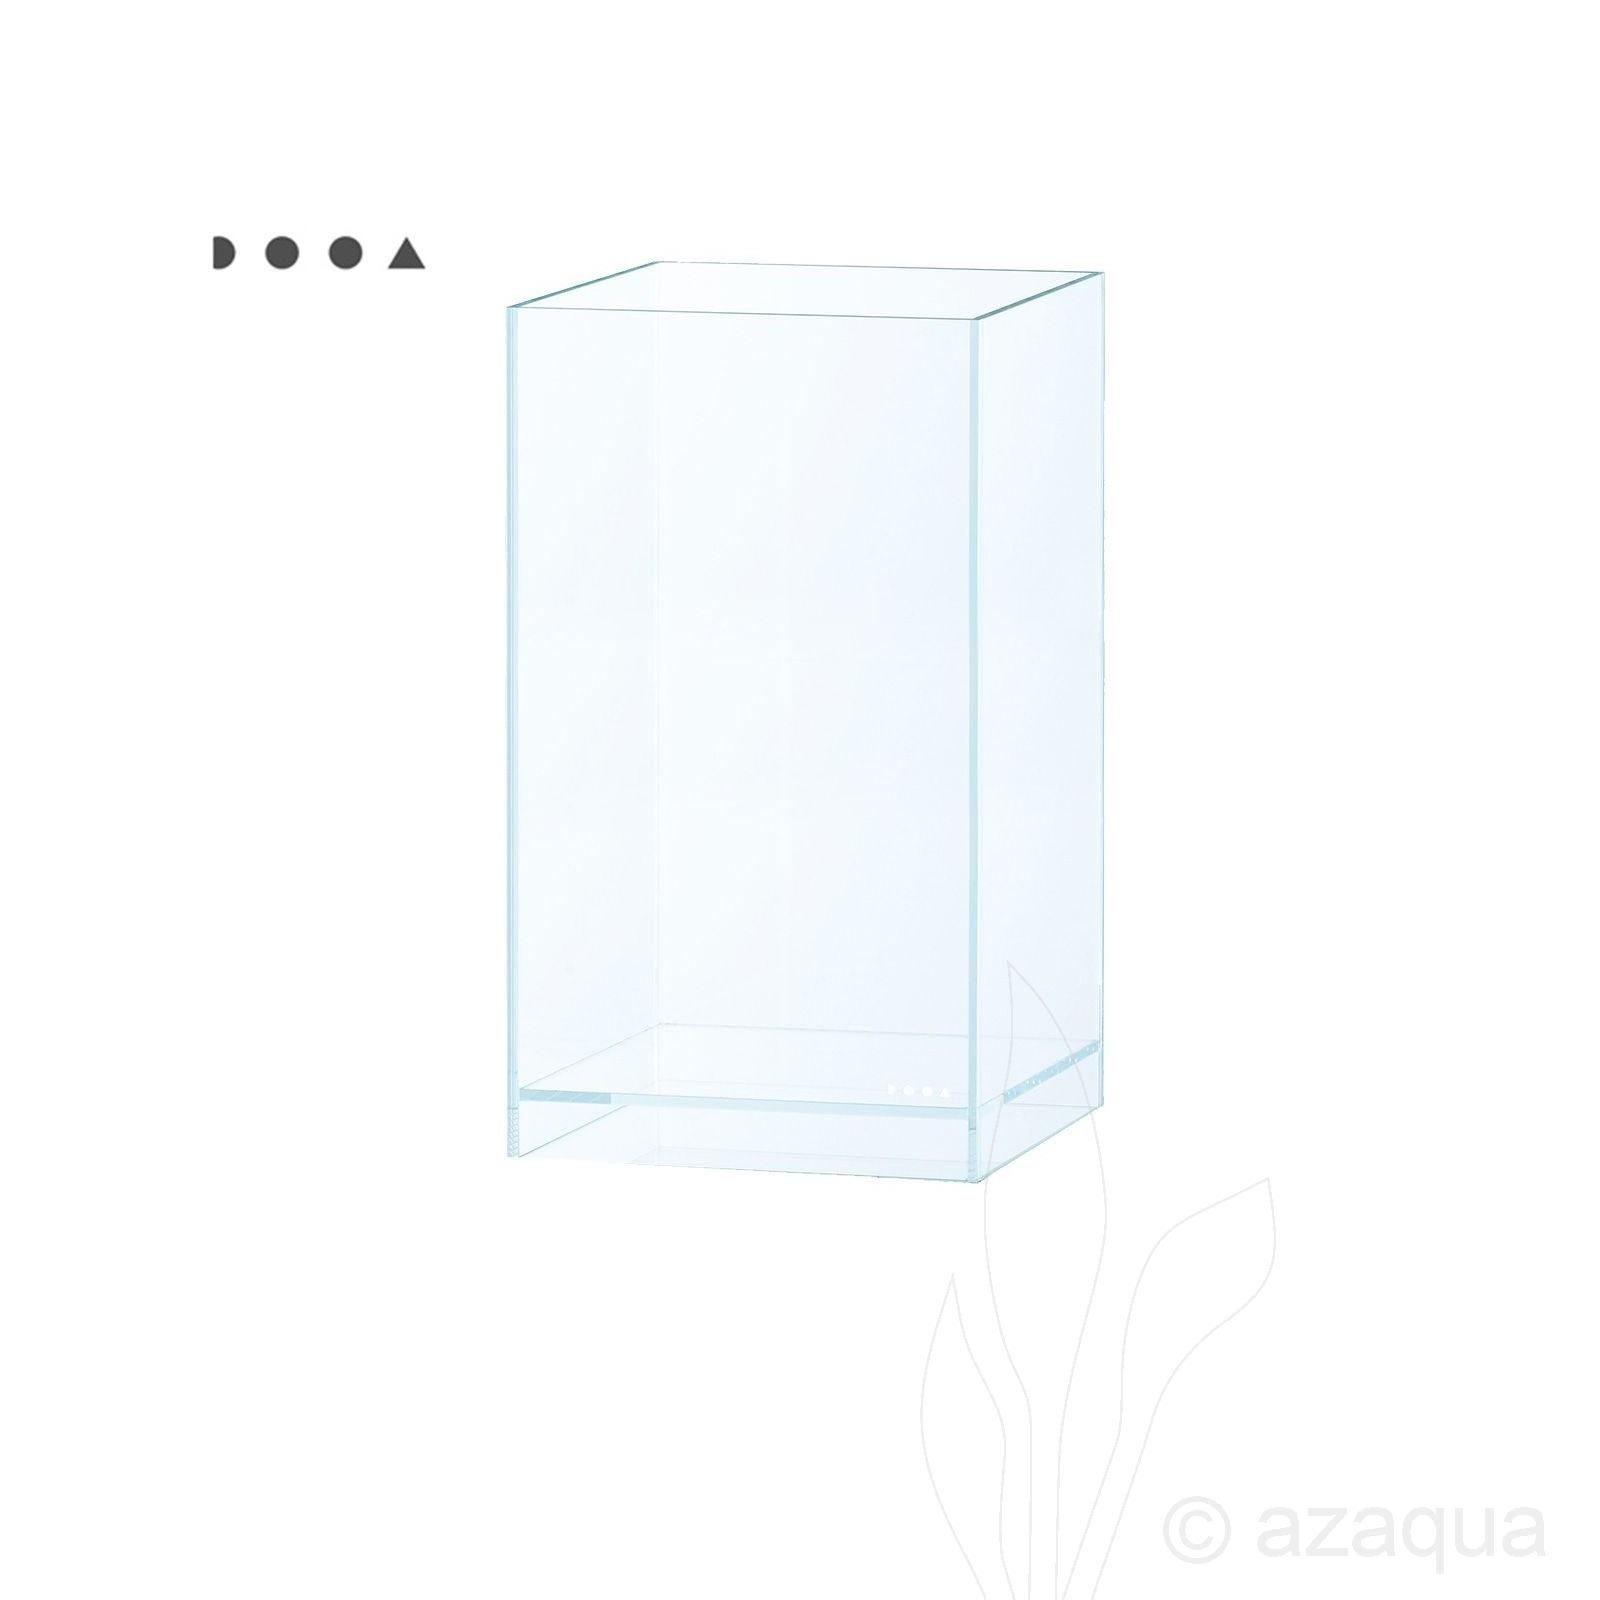 DOOA, Neo Glass, AIR-W20 X D20 X H35 (cm)